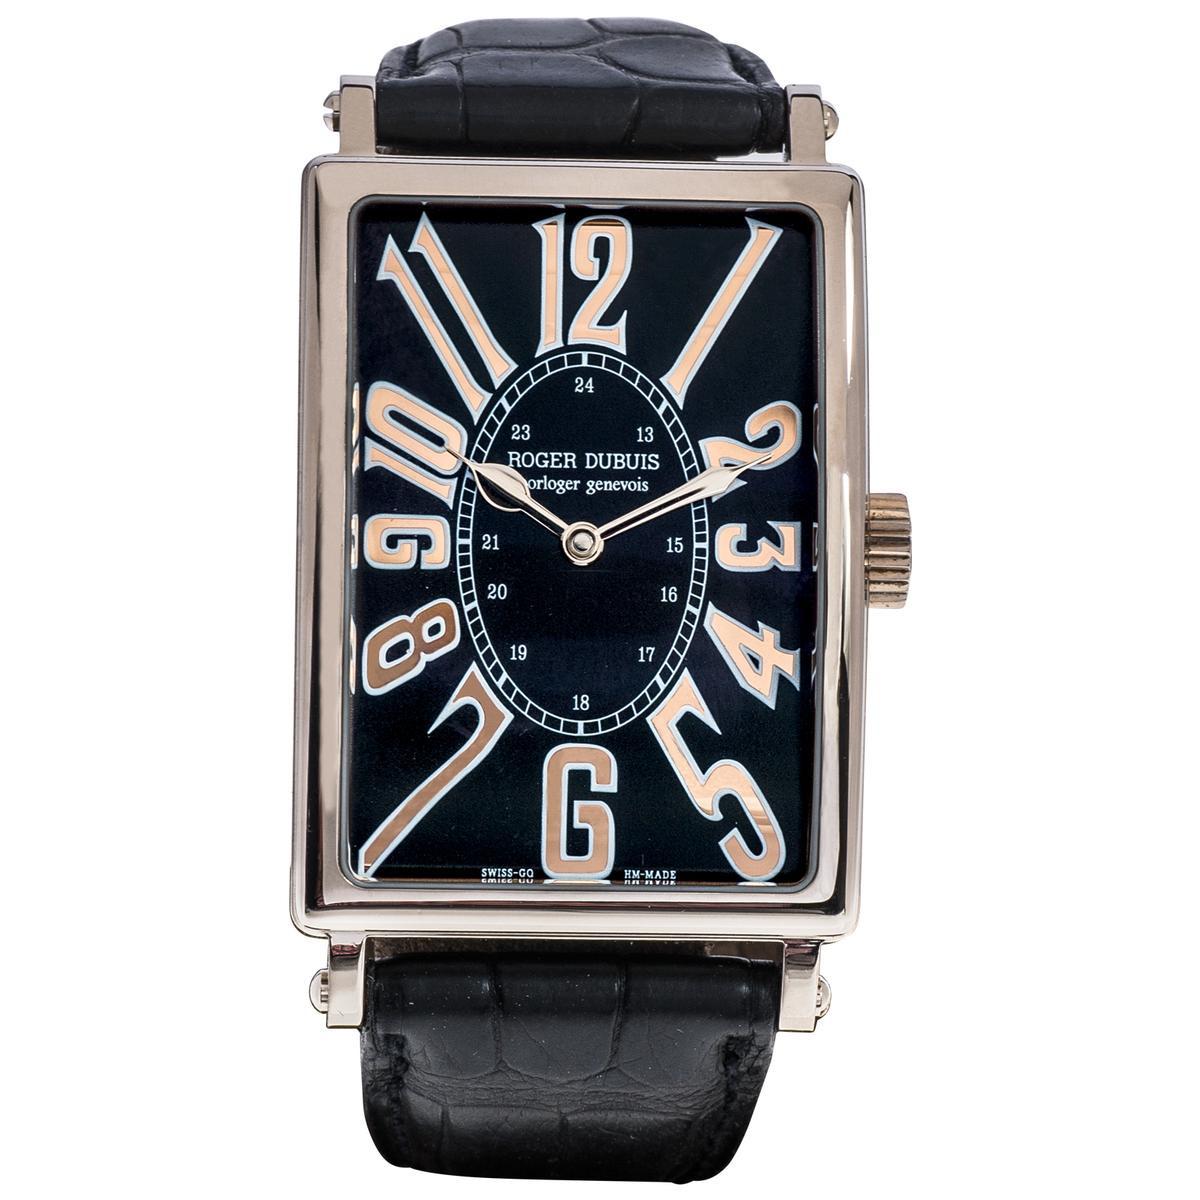 Preowned Roger Dubuis Horloger Genevois